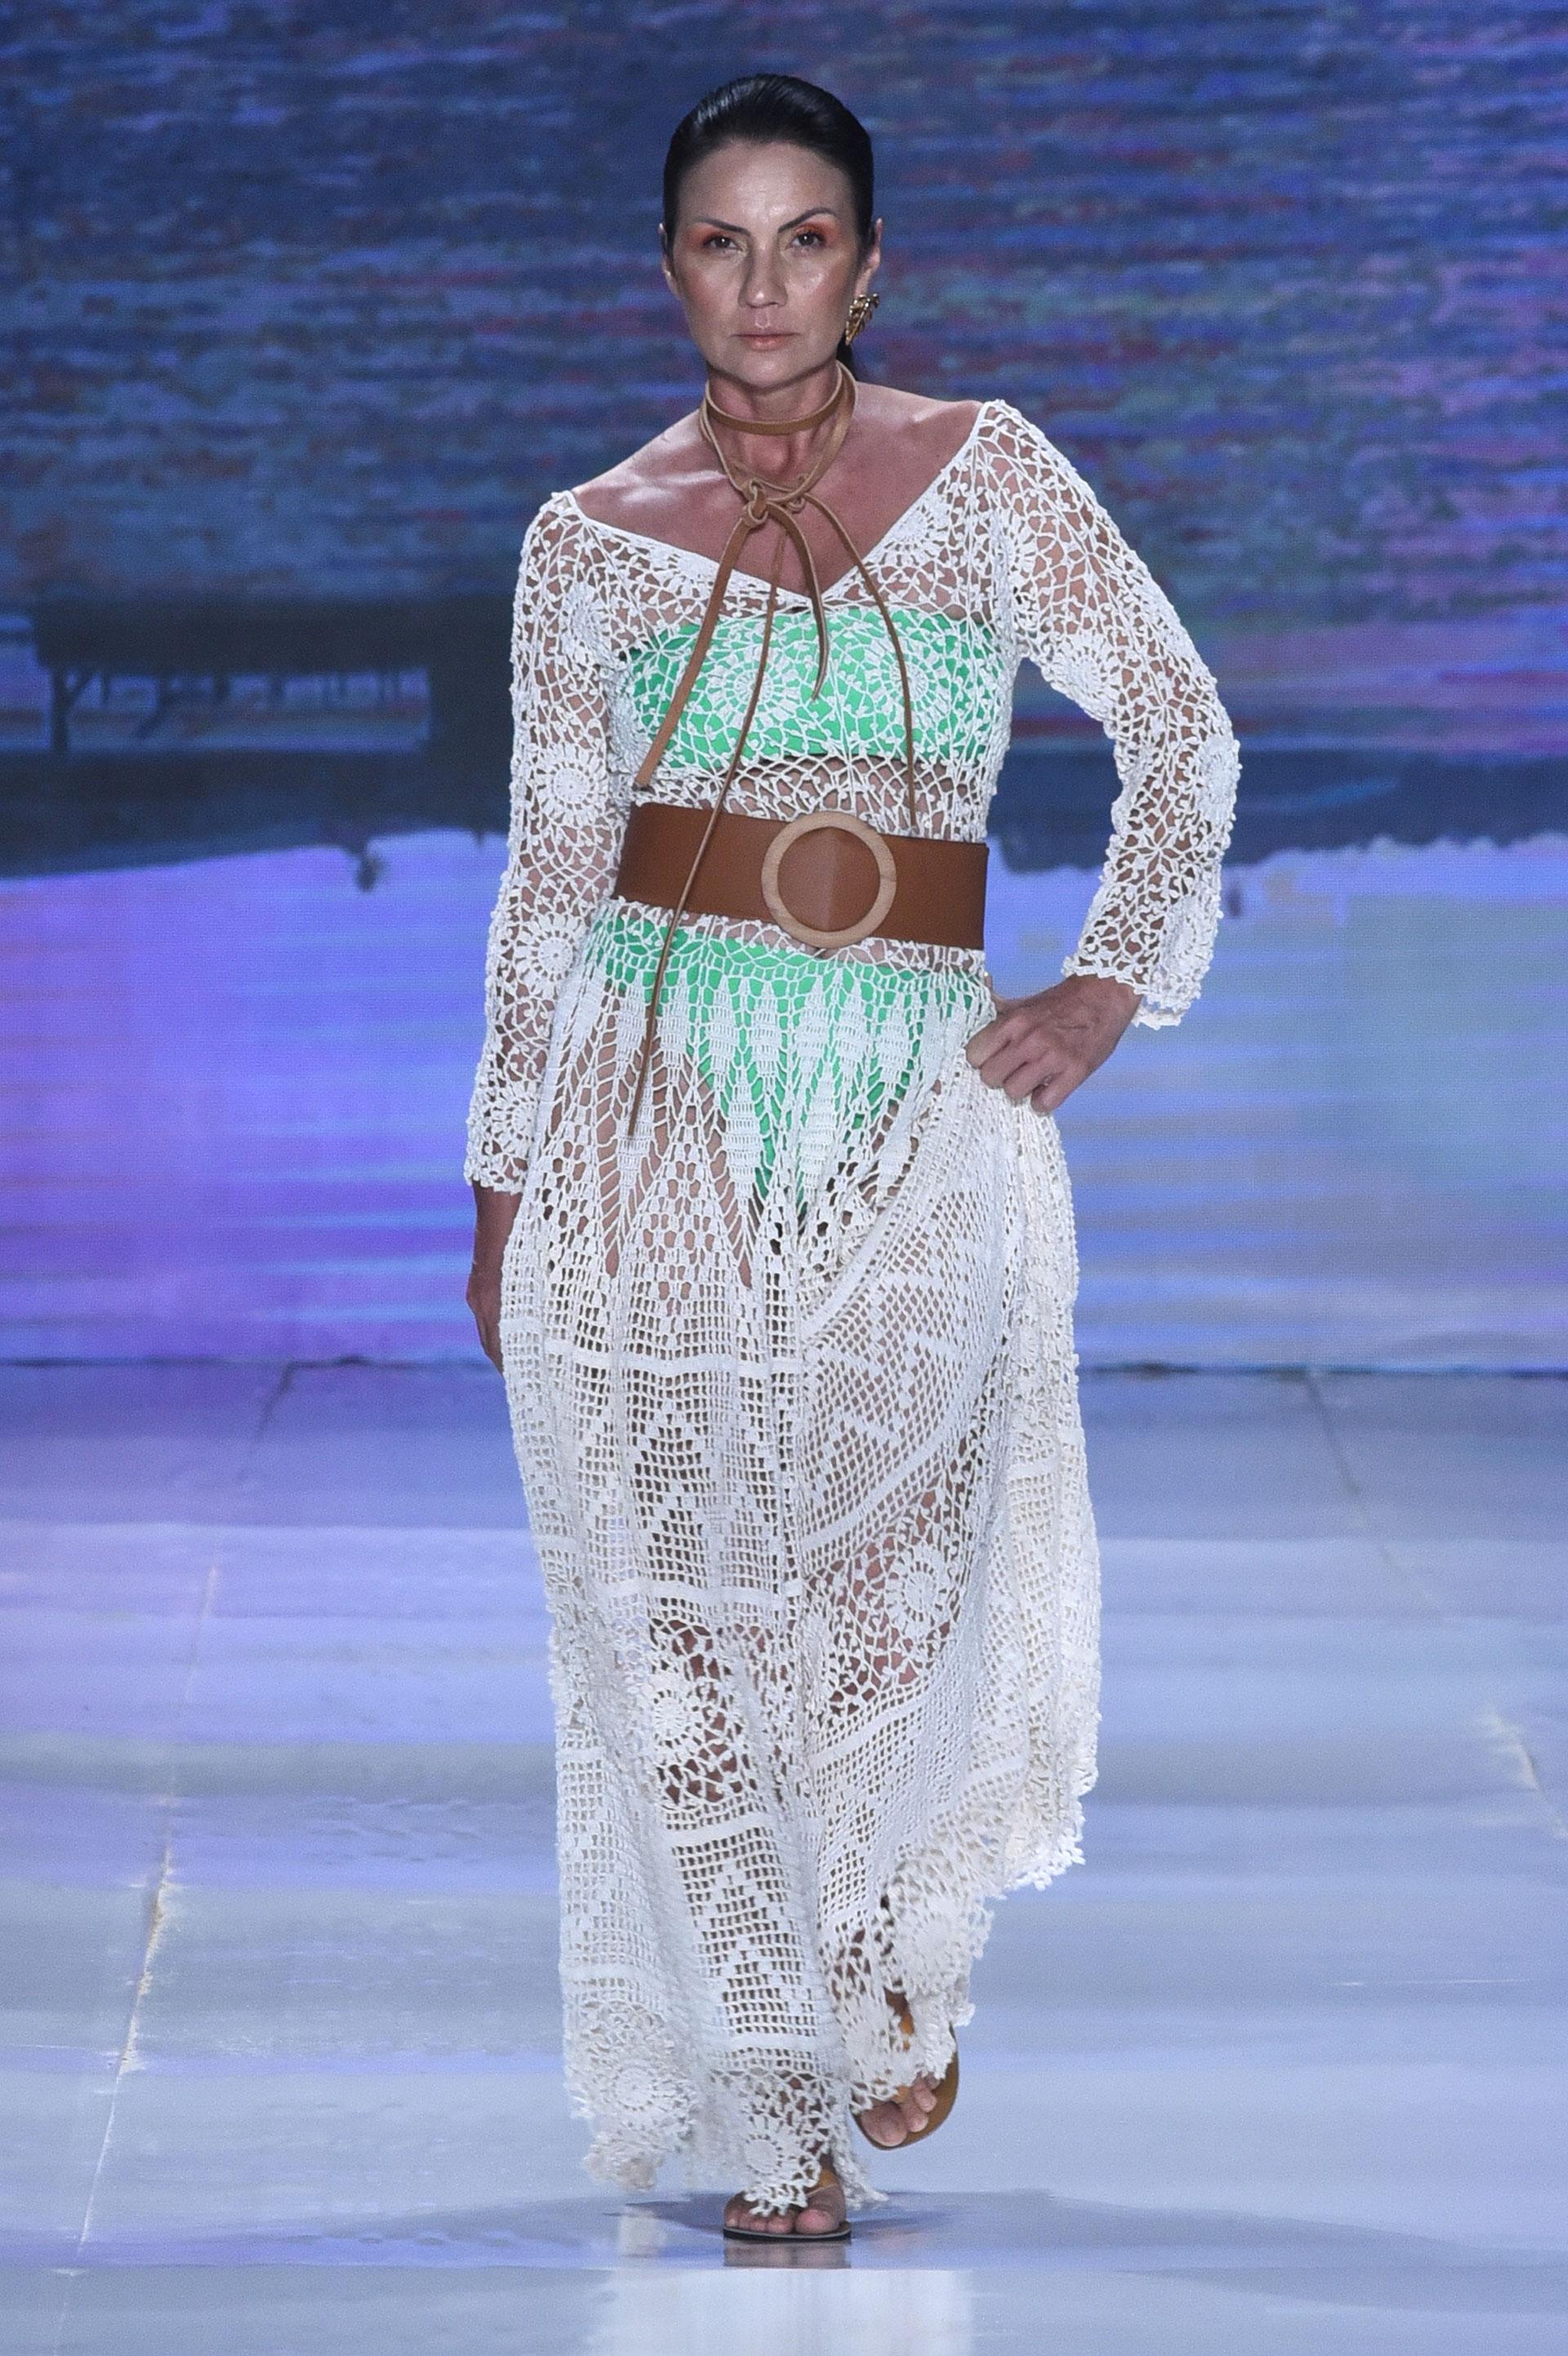 La modelo Sandra Luck recibió un homenaje por ser la modelo más representativa de Dragao Fashion (Rota Jeri).